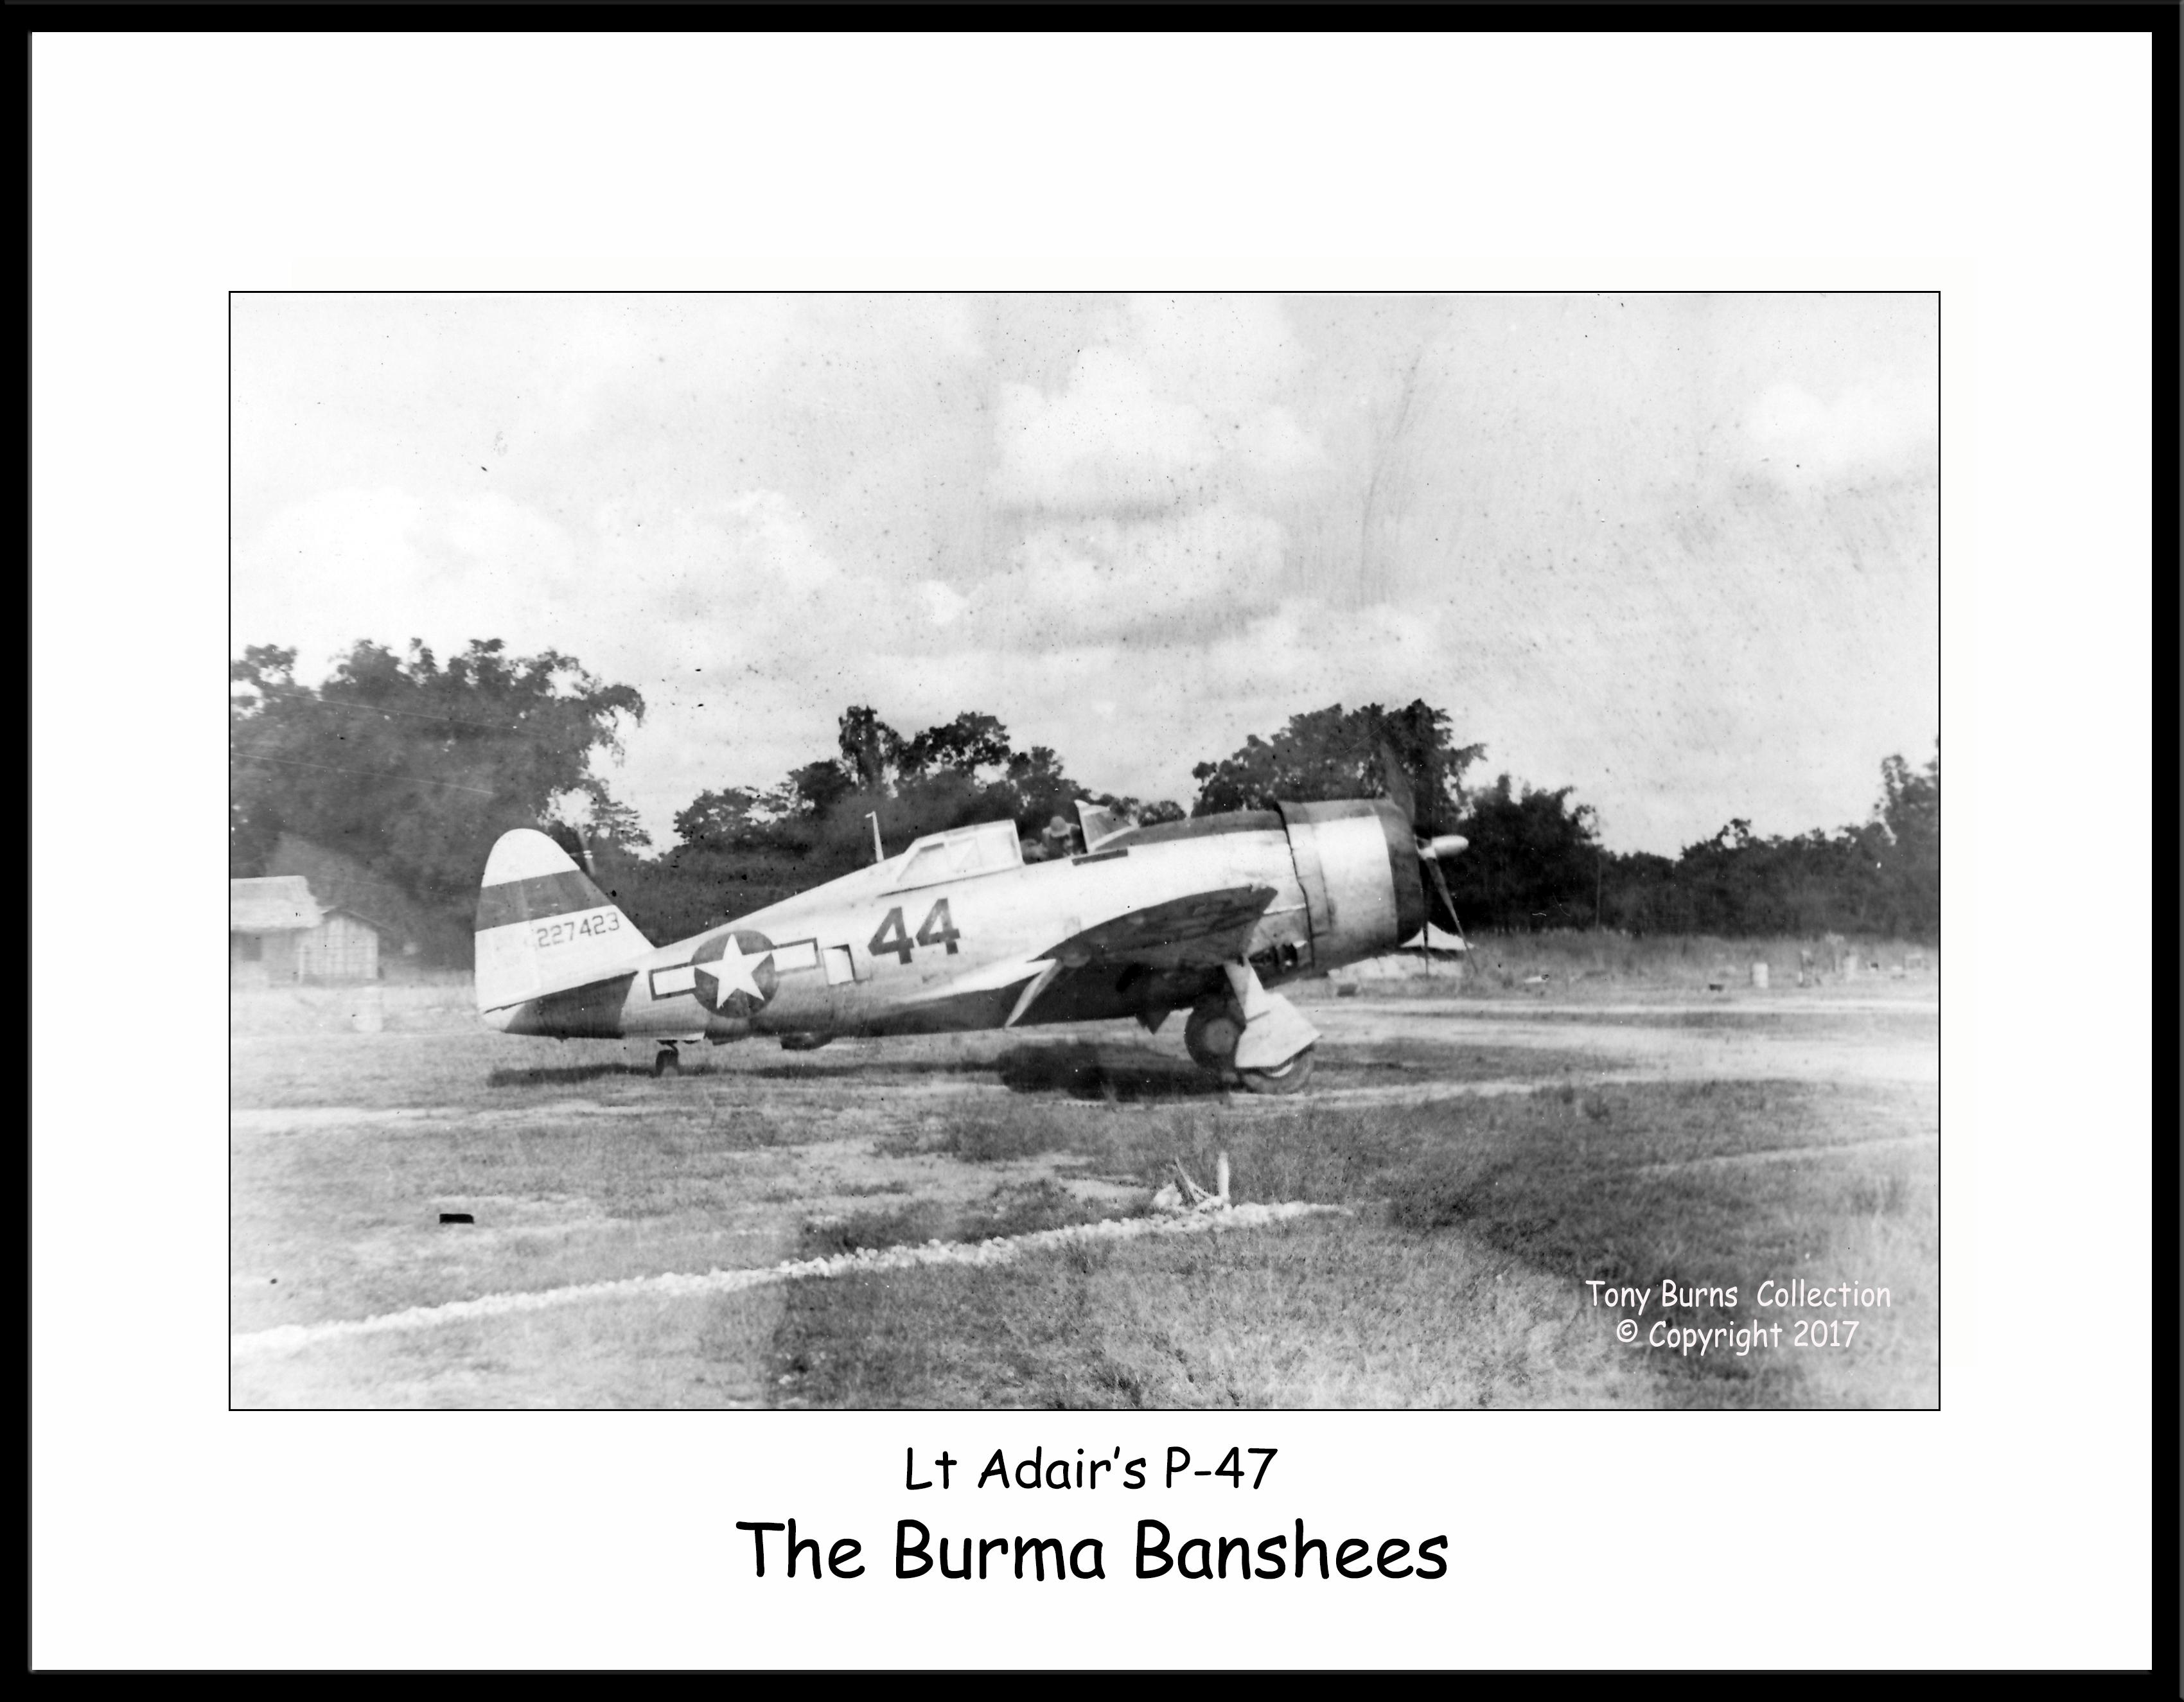 Lt Adair's P-47